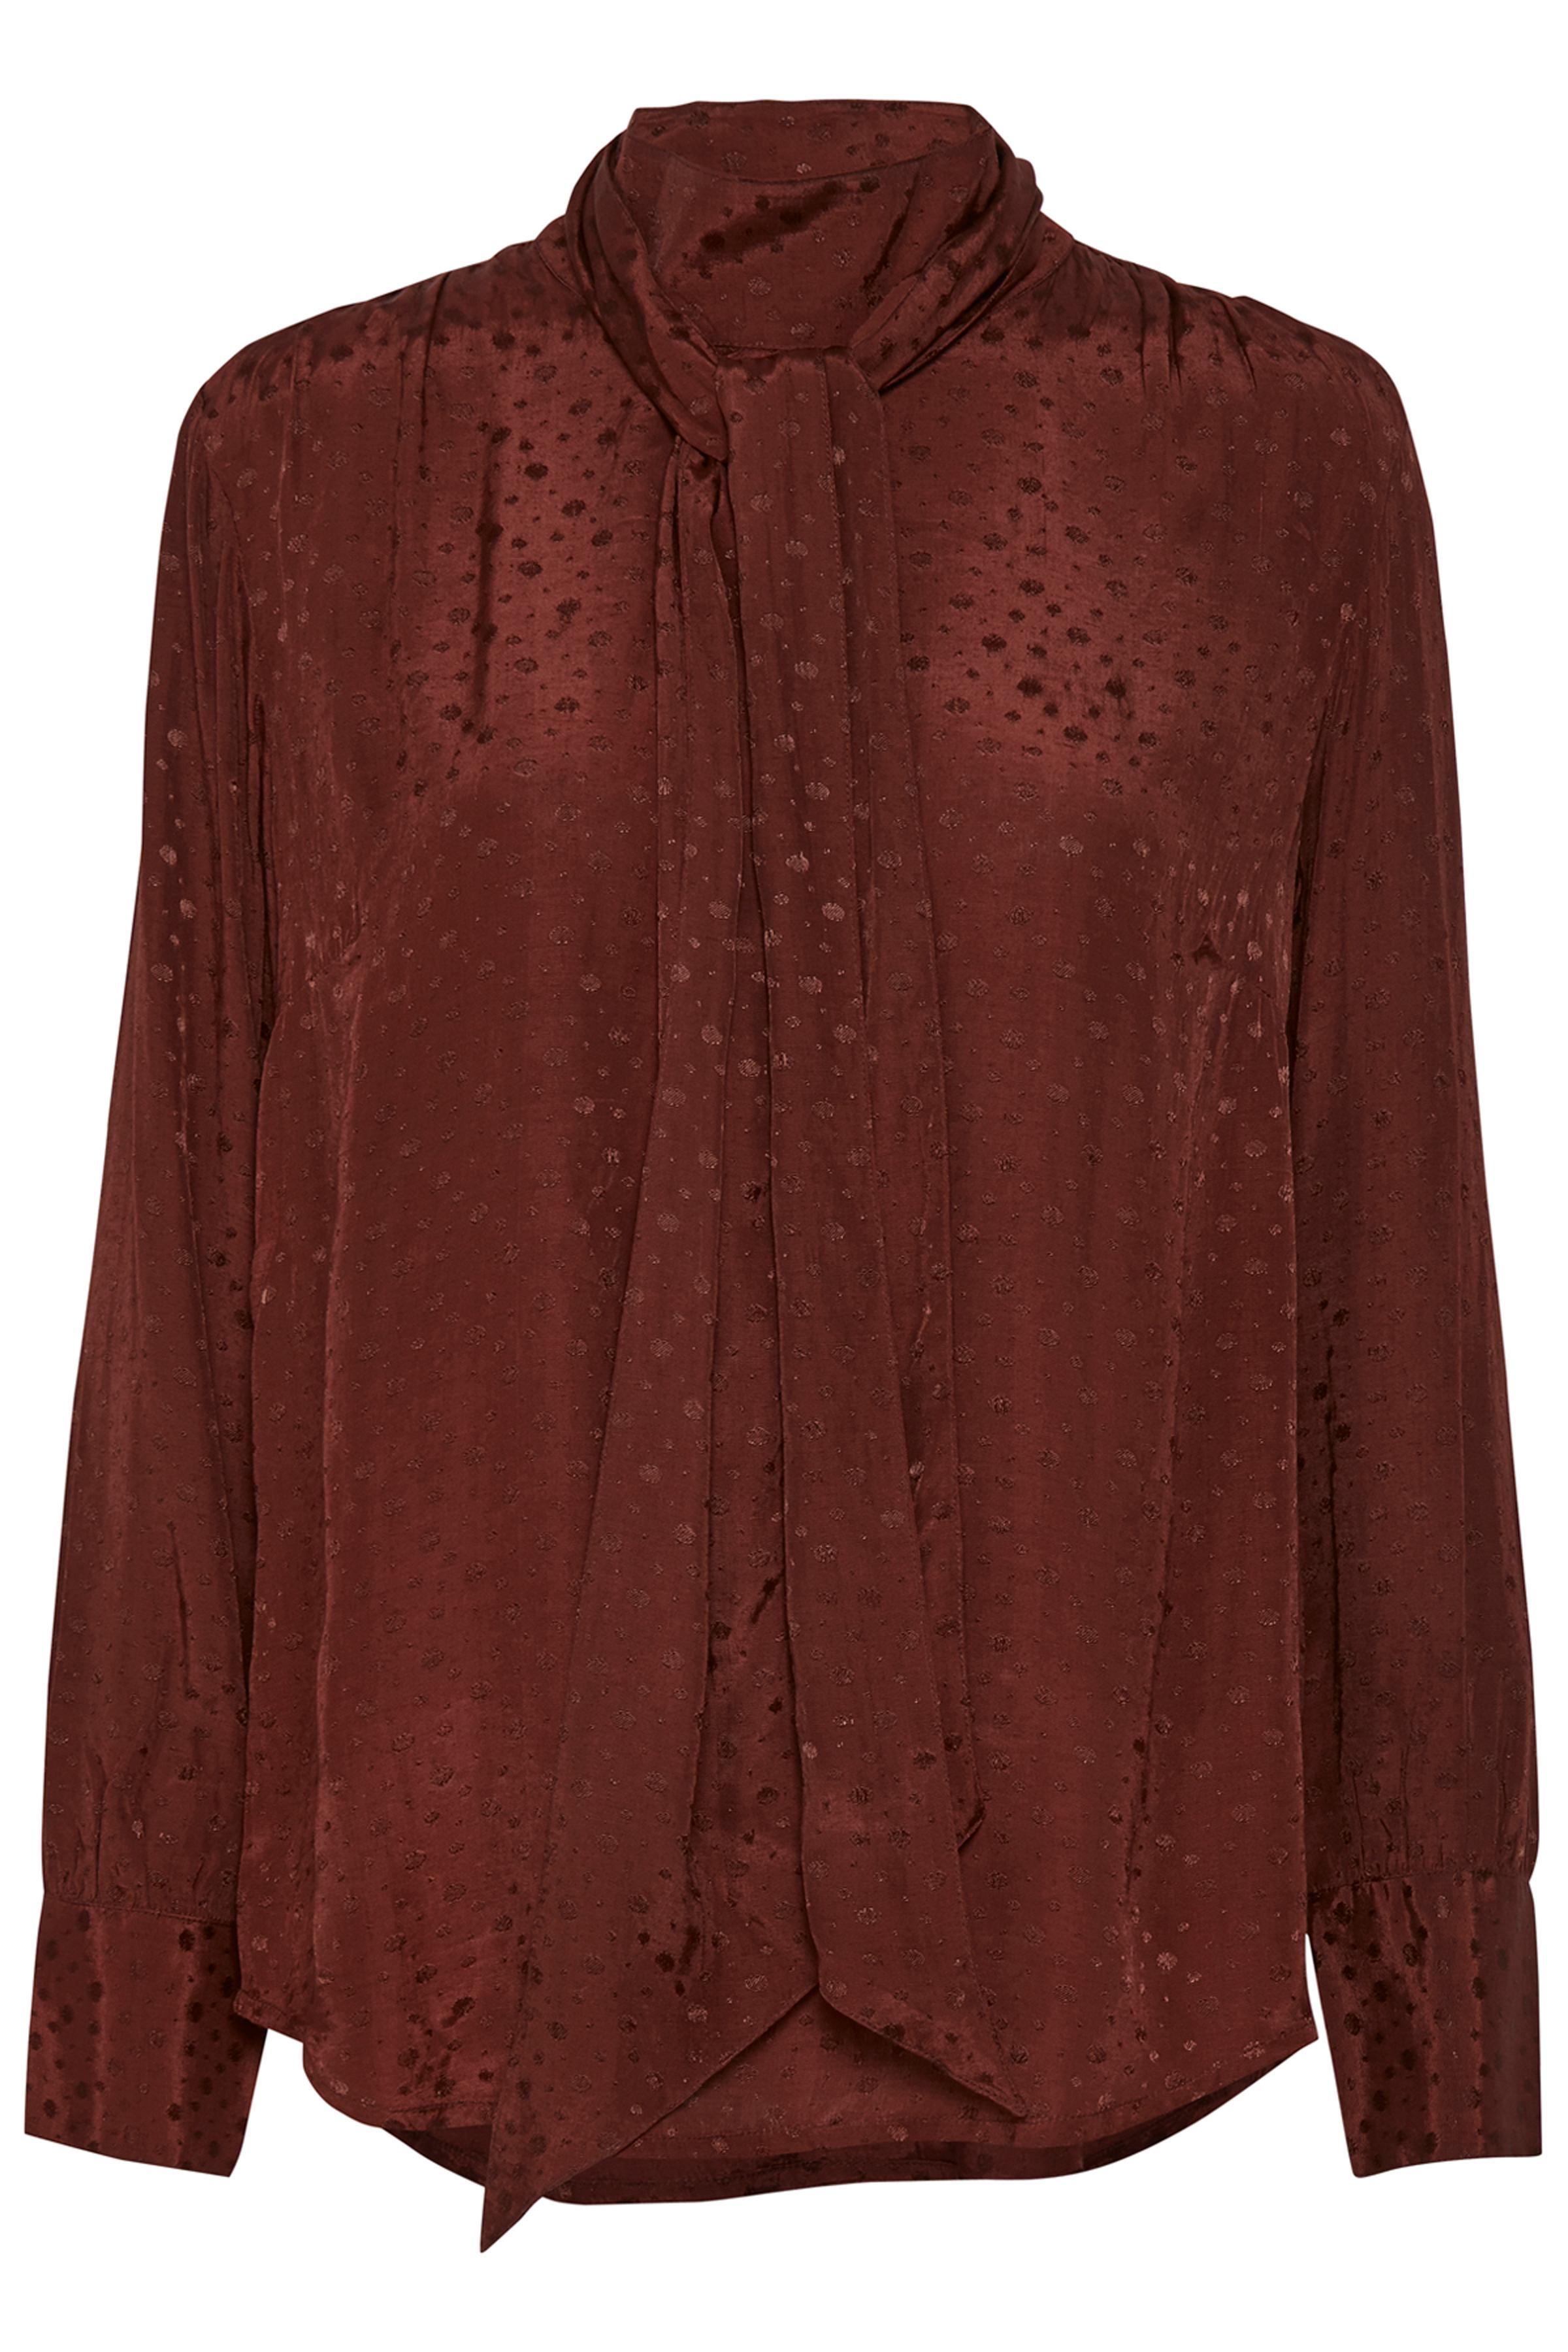 Bordeaux Langærmet bluse fra Bon'A Parte – Køb Bordeaux Langærmet bluse fra str. S-2XL her